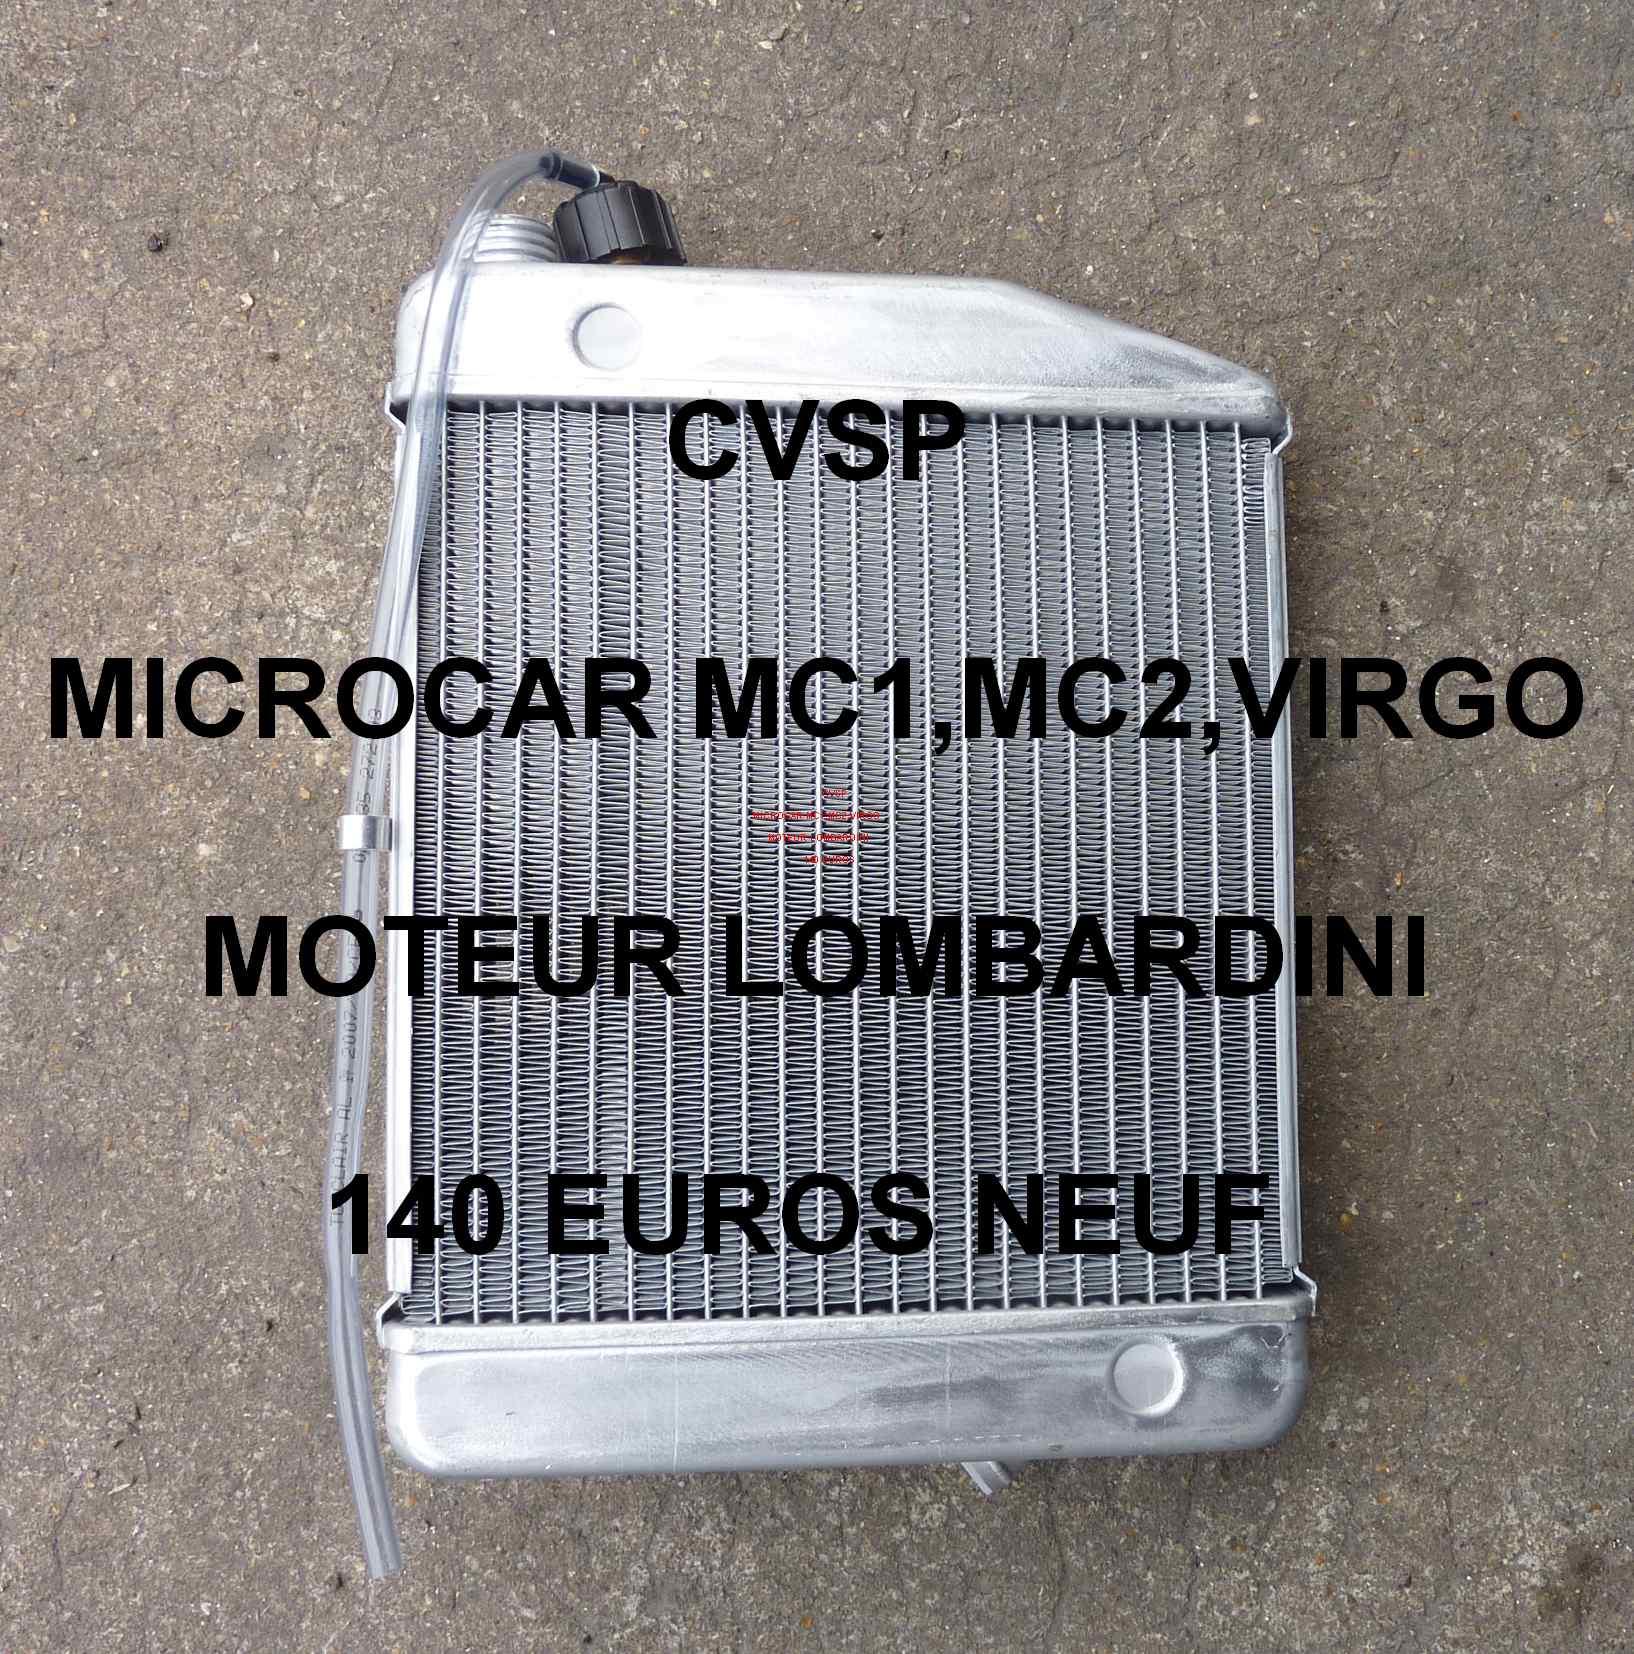 radiateur moteur lombardini neuf pour microcar mc1 mc2 virgo pi ce d tach e voiture sans. Black Bedroom Furniture Sets. Home Design Ideas